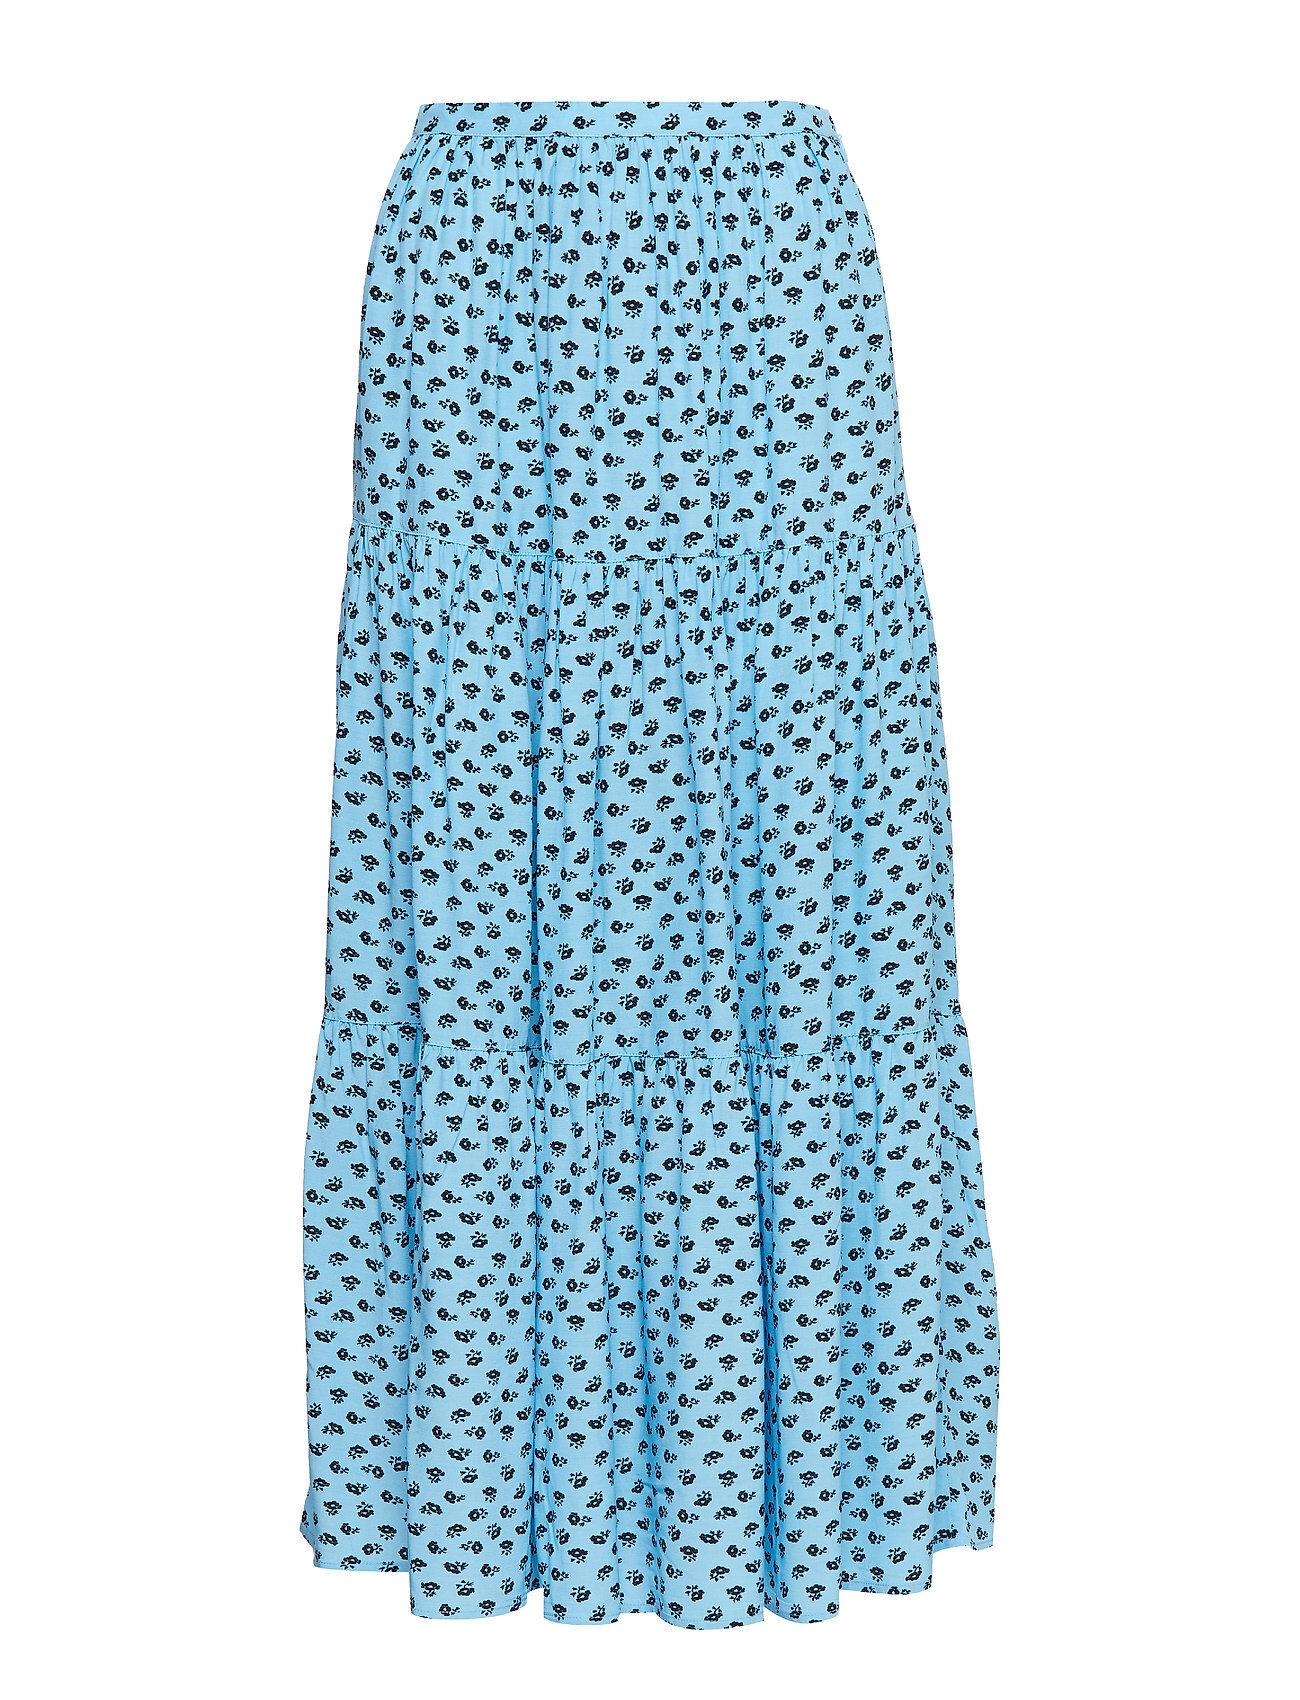 Image of Calvin Gathered Midi Skirt Pitkä Hame Sininen Calvin Klein Jeans